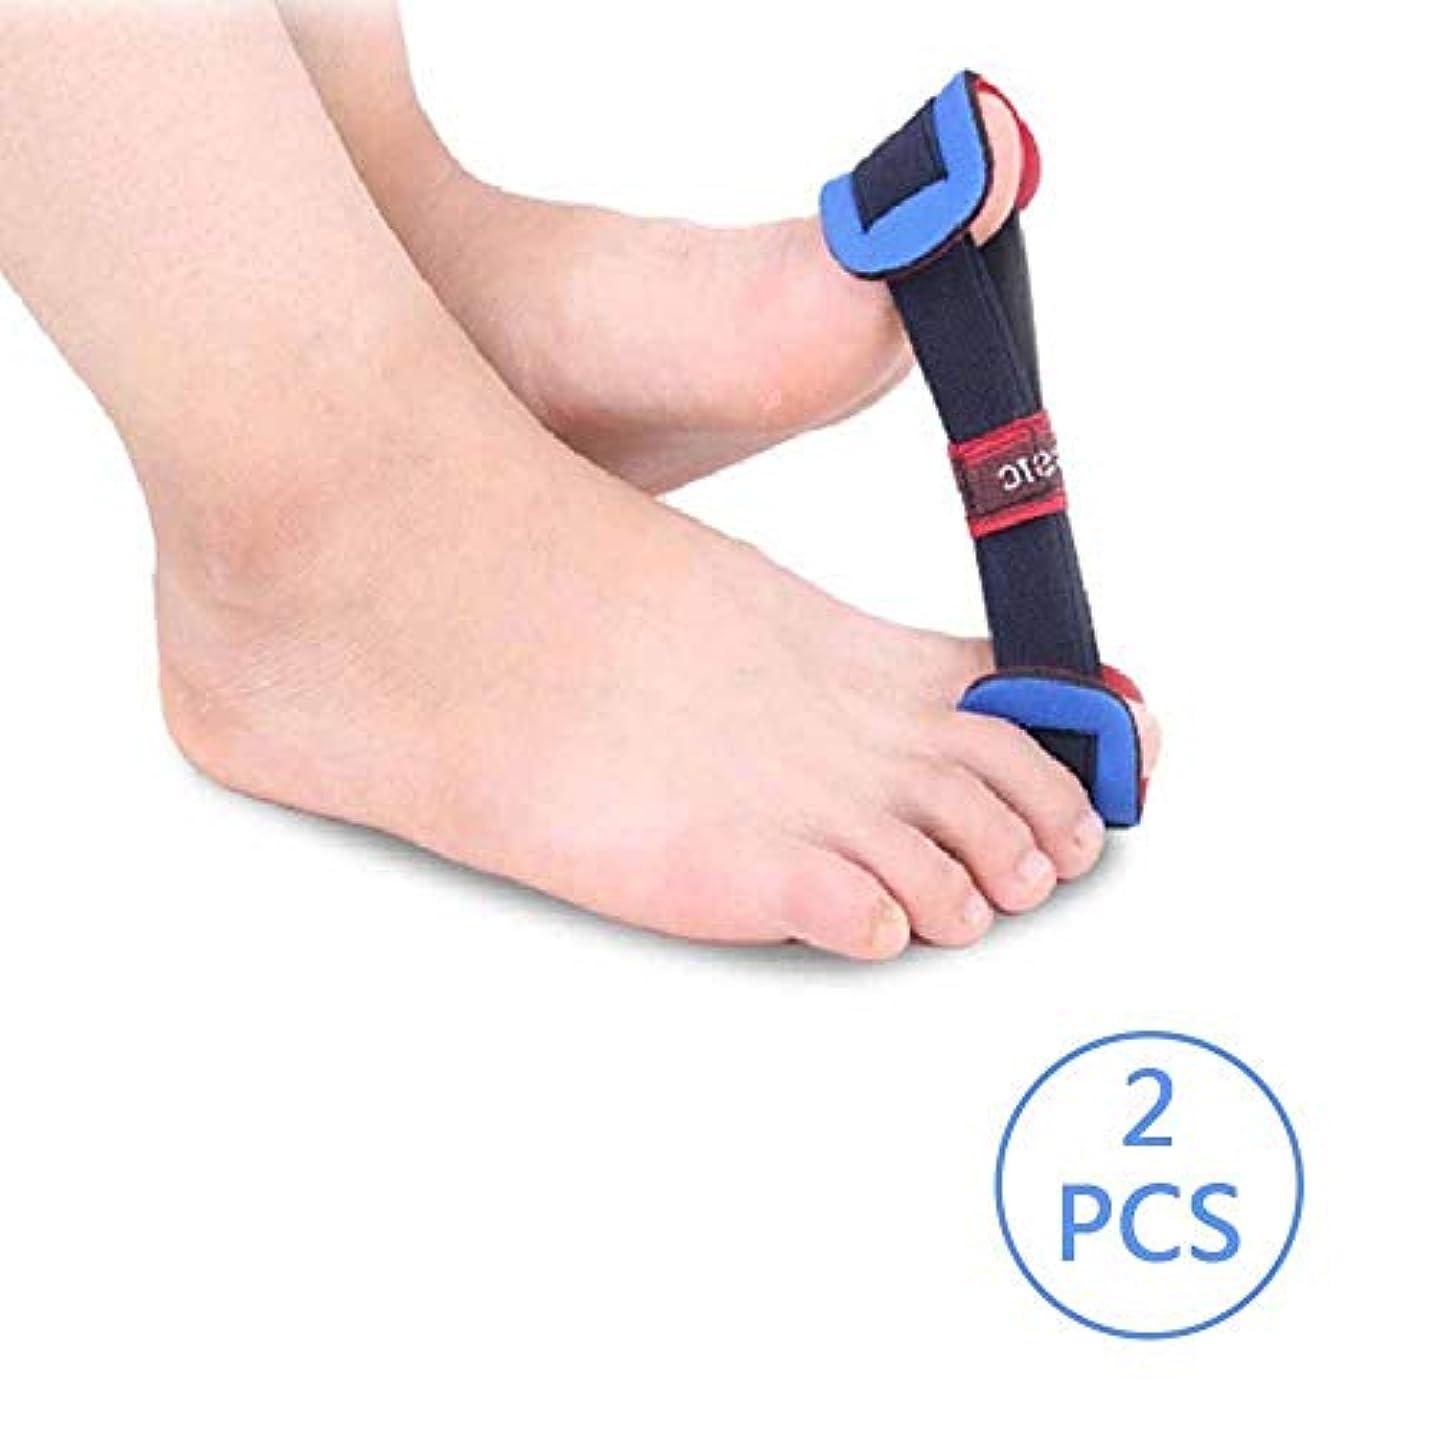 塩木曜日副産物つま先ストラップ、バニーポーチ練習用ストレッチャーにより、自然な足の指のアライメントを復元します。